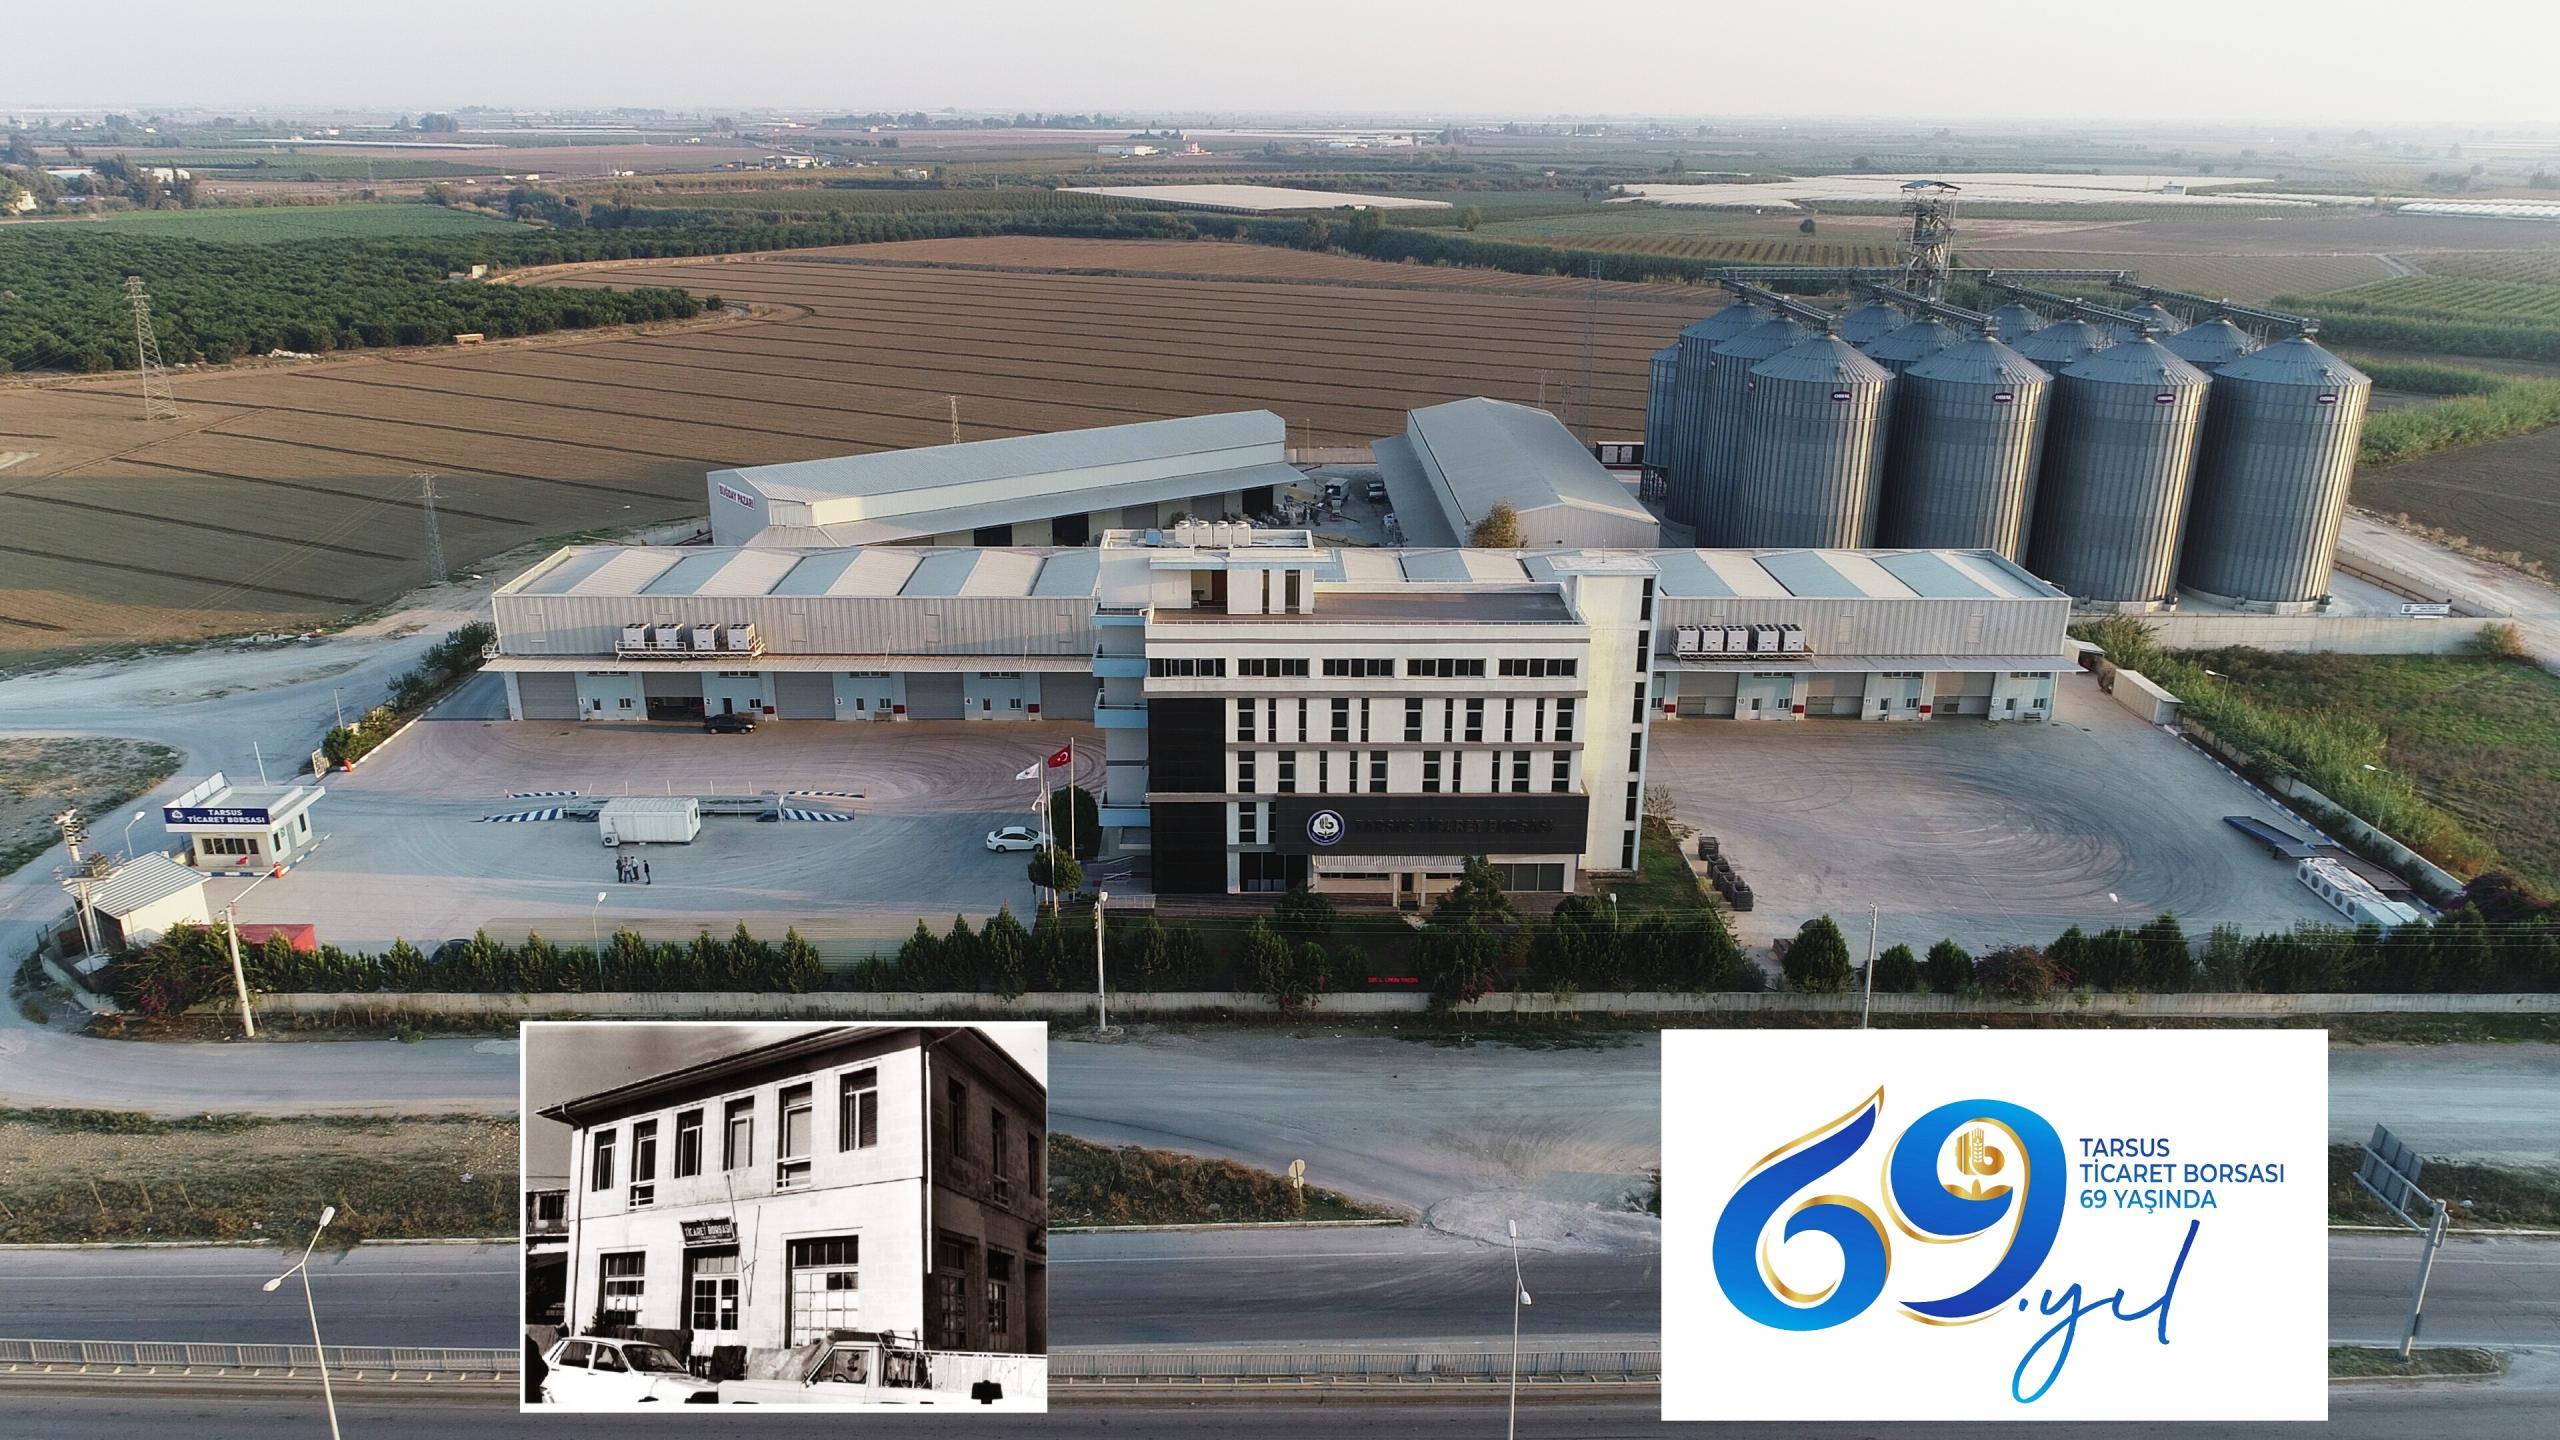 Tarsus Ticaret Borsası 69 Yaşında